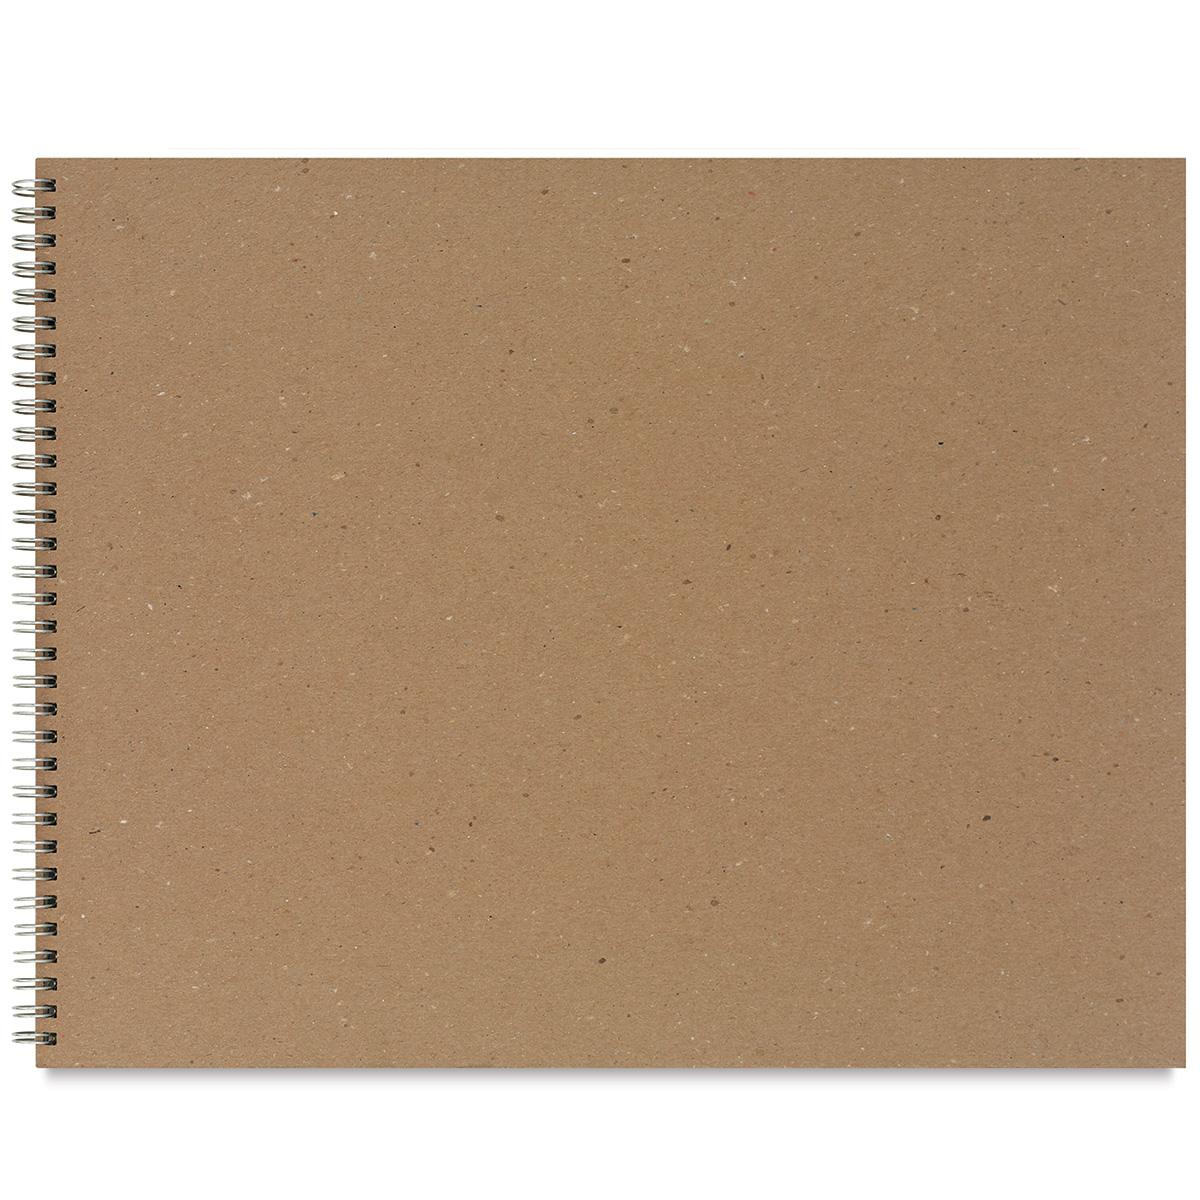 Spiral-Bound Scrapbook